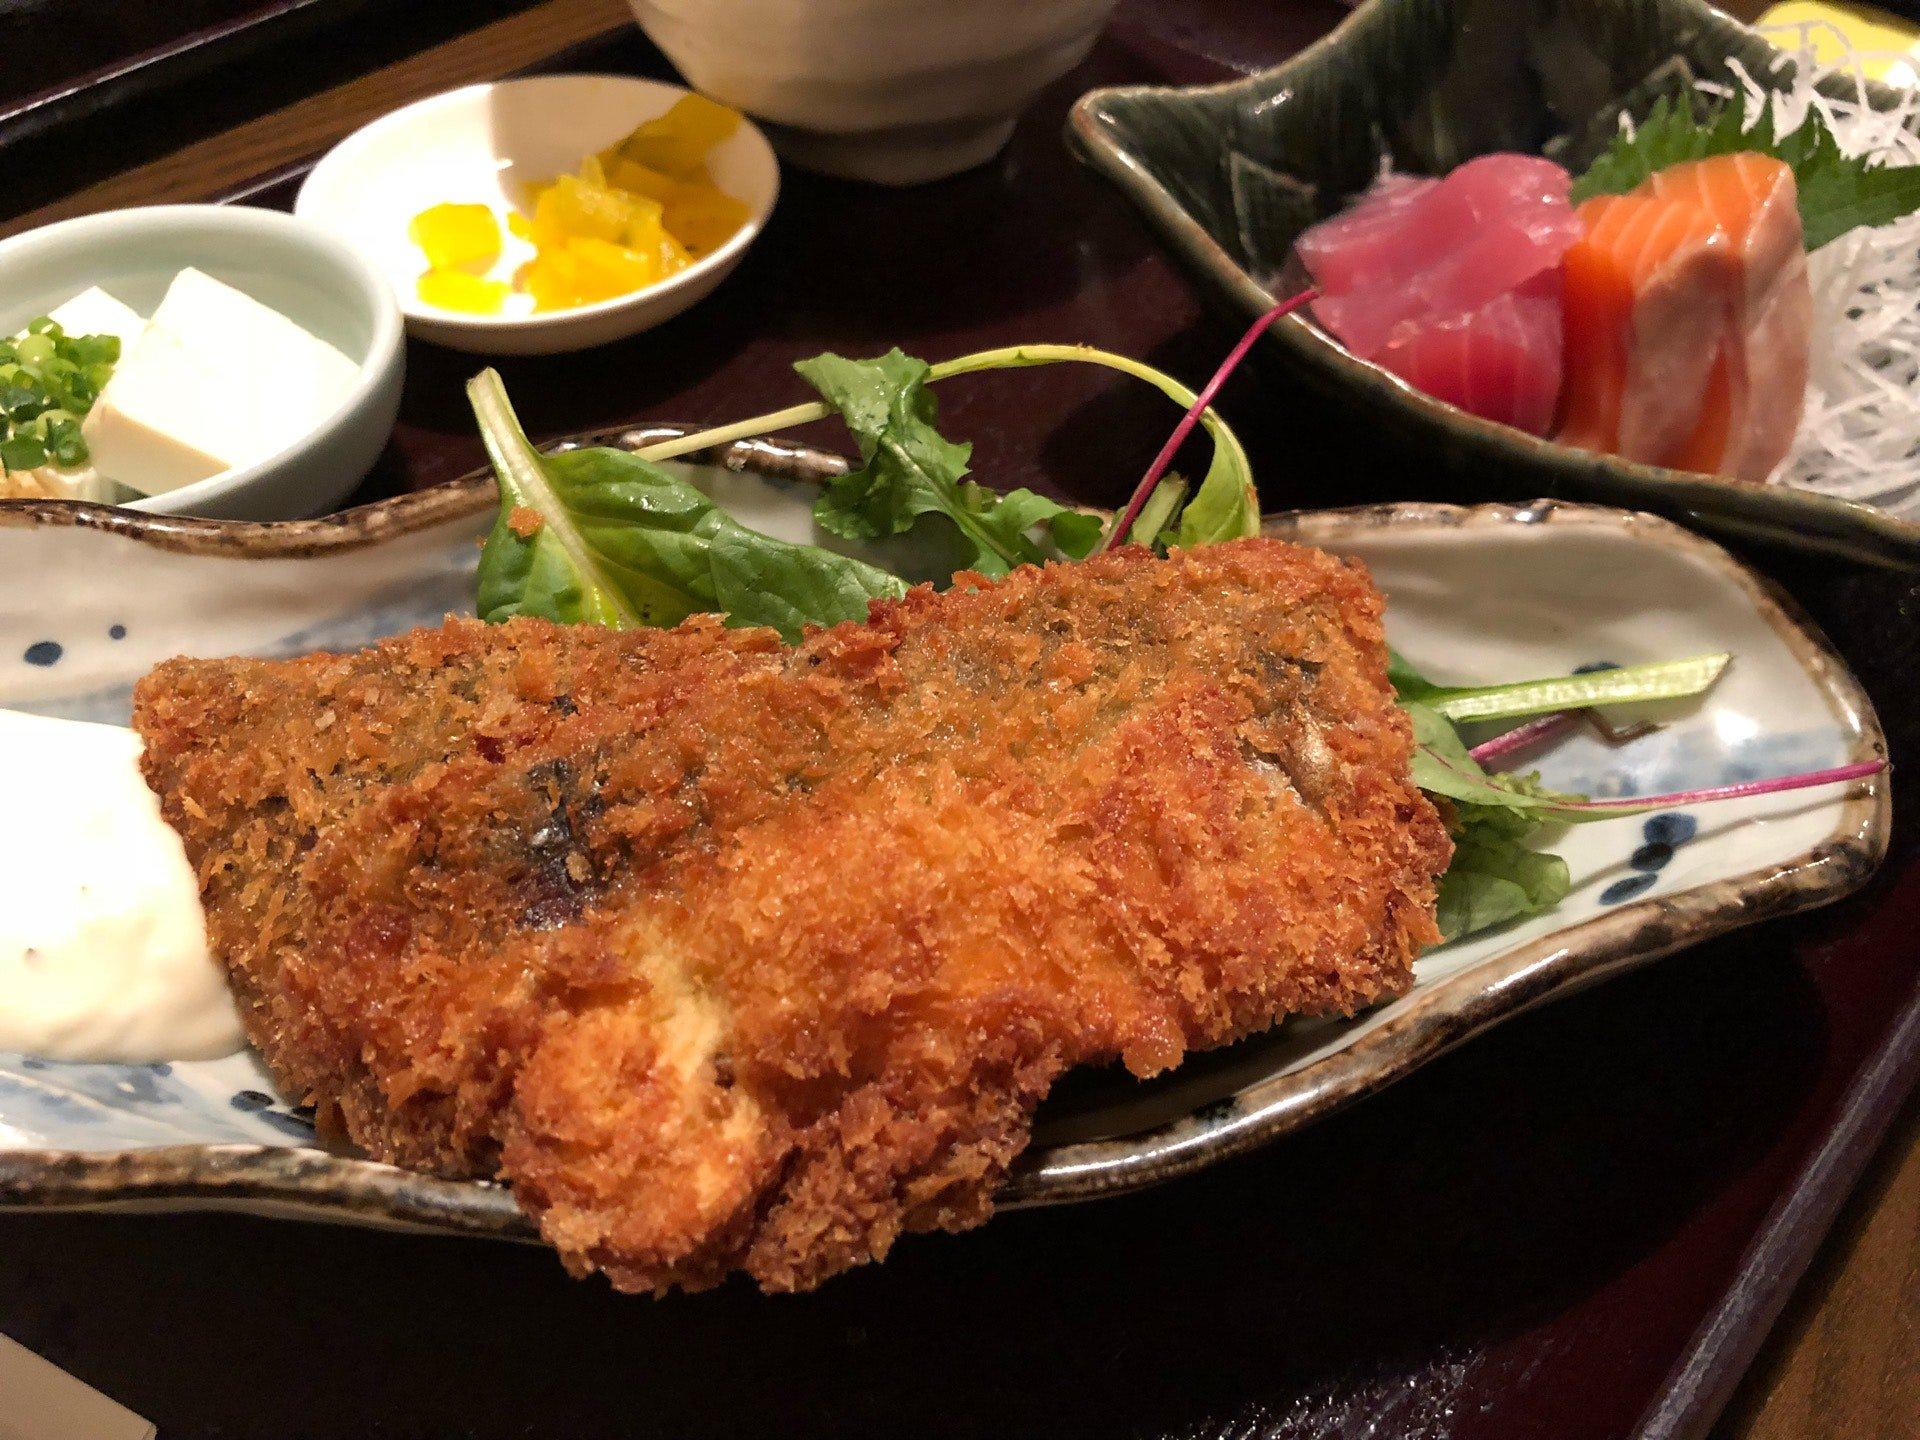 アジフライ定食 (@ さかなやま 名駅本店 in 名古屋市, 愛知県) https://t.co/InqYOaPEGO https://t.co/bWGTmDsyyx